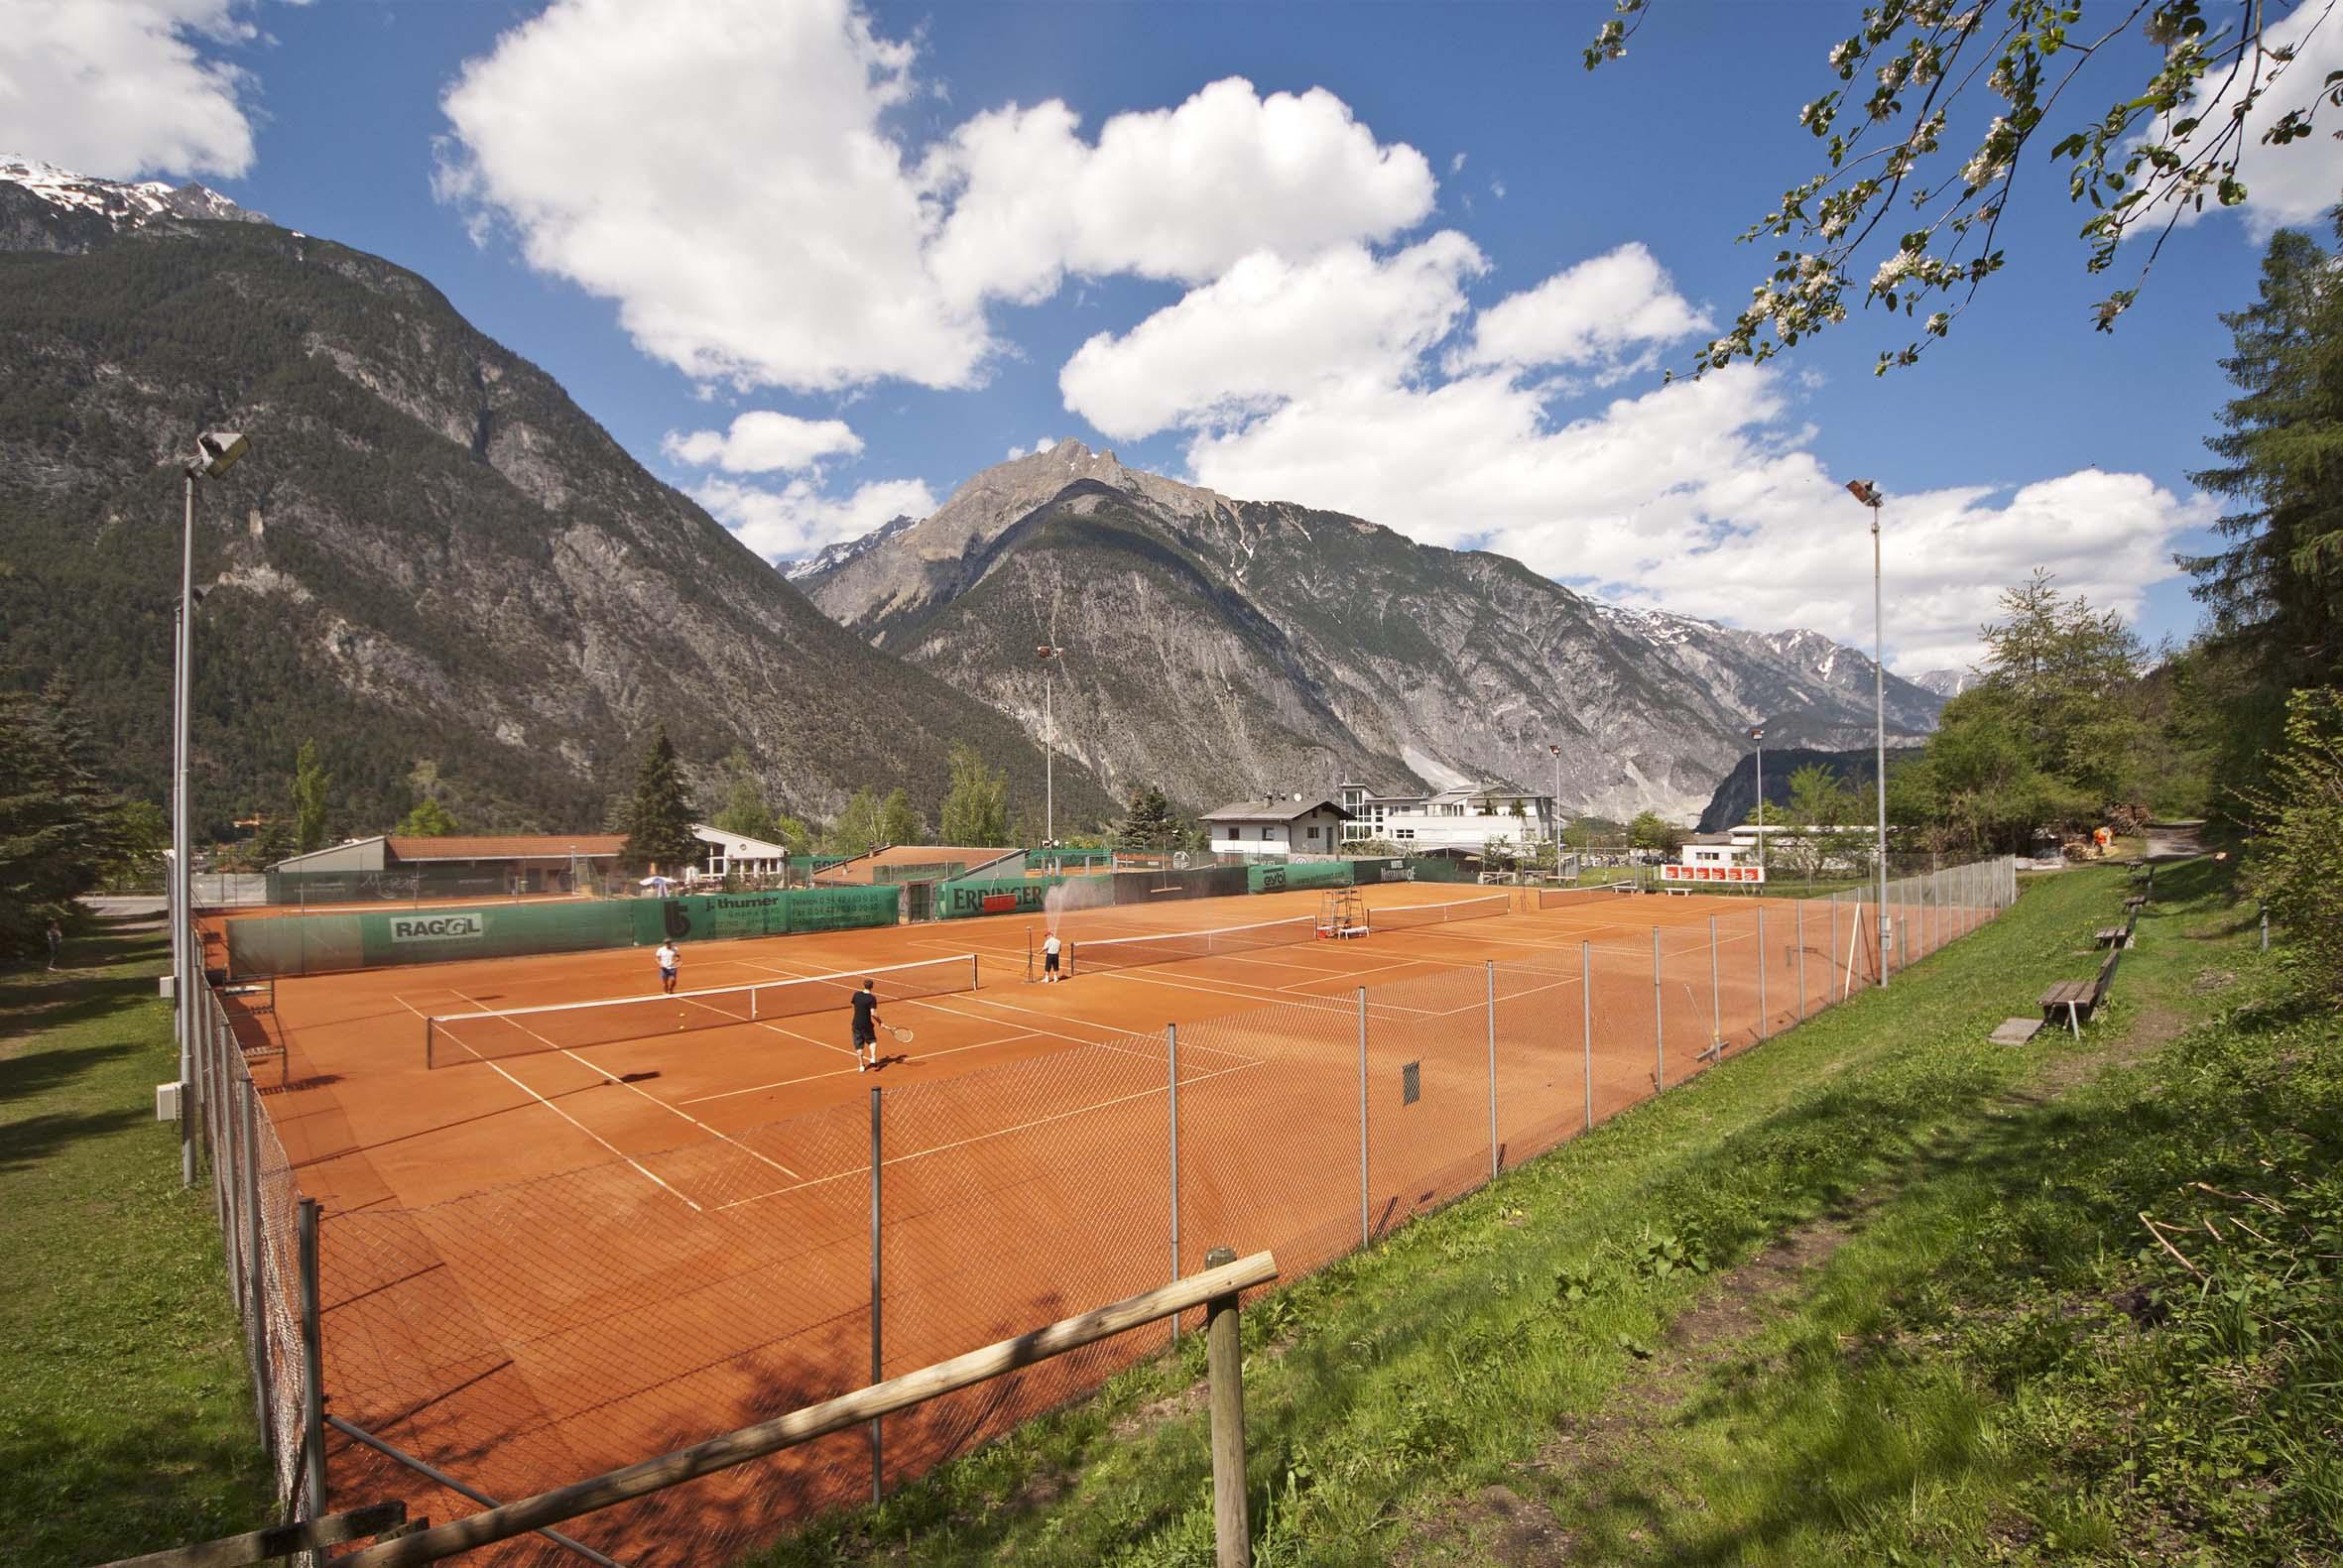 Tennisplatz Landeck